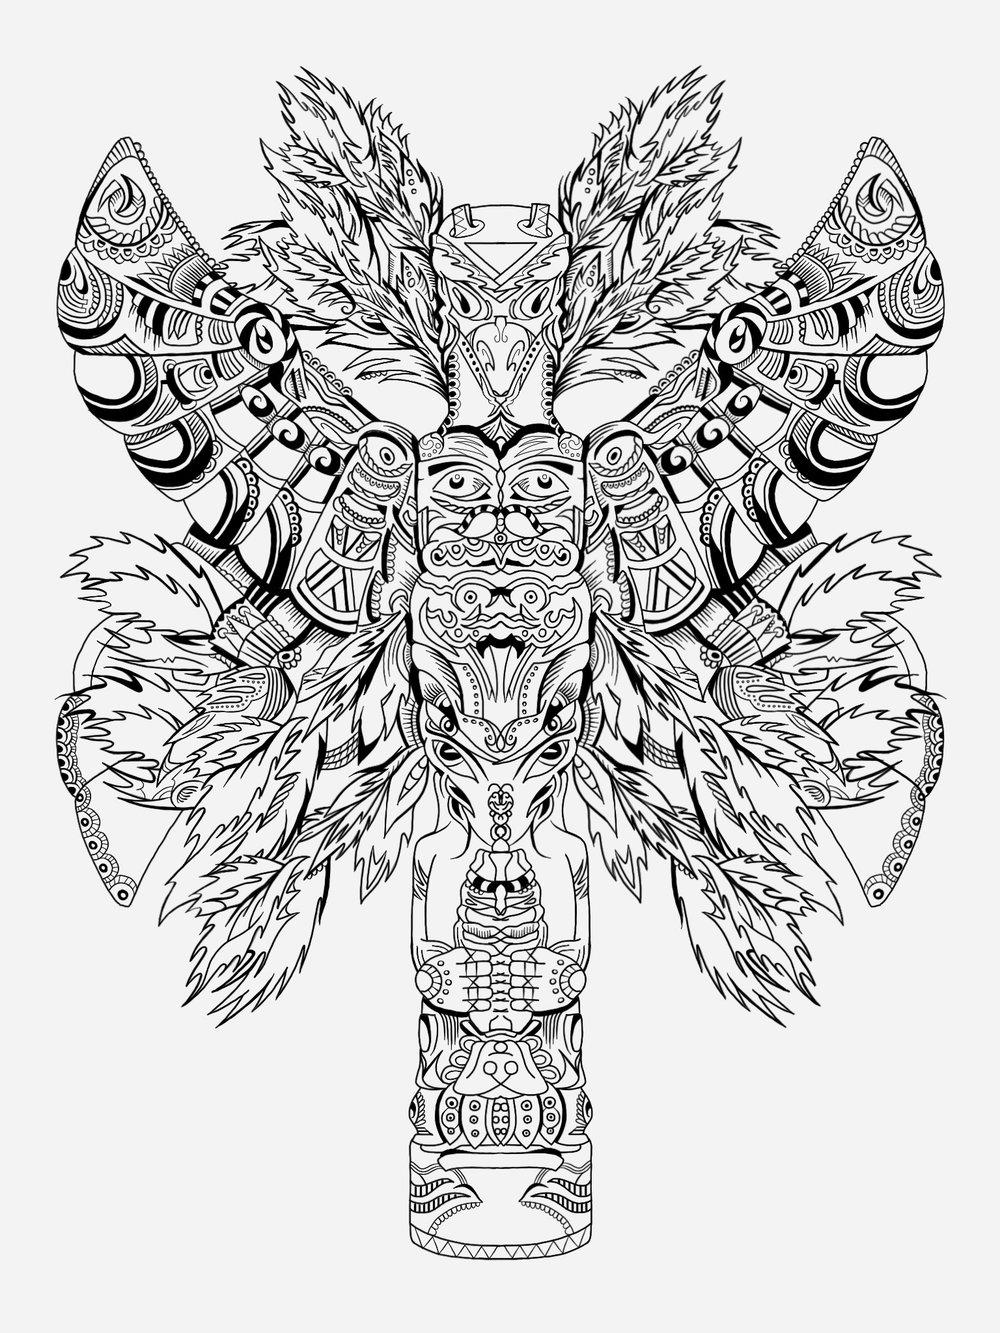 Totem_B&W-2.jpg